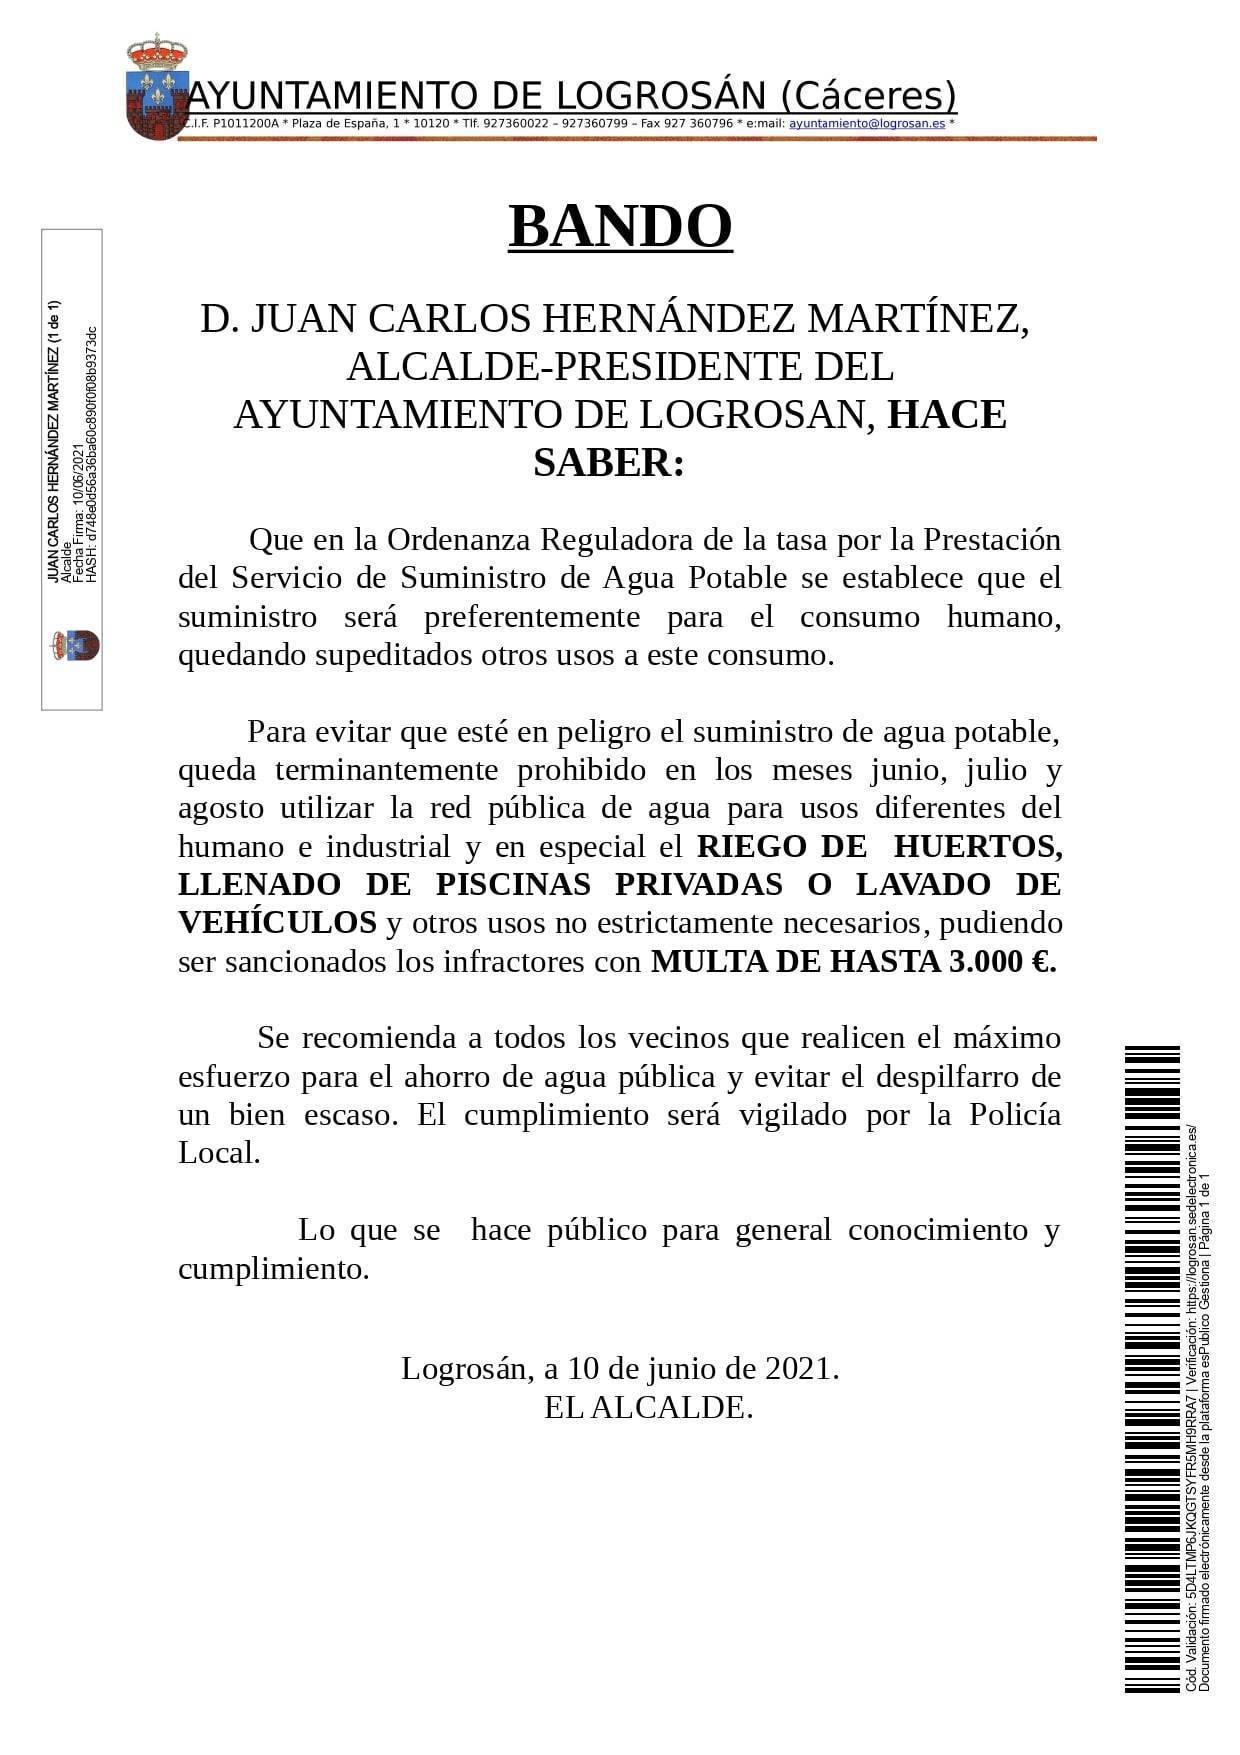 Consumo responsable de agua durante el verano (2021) - Logrosán (Cáceres)